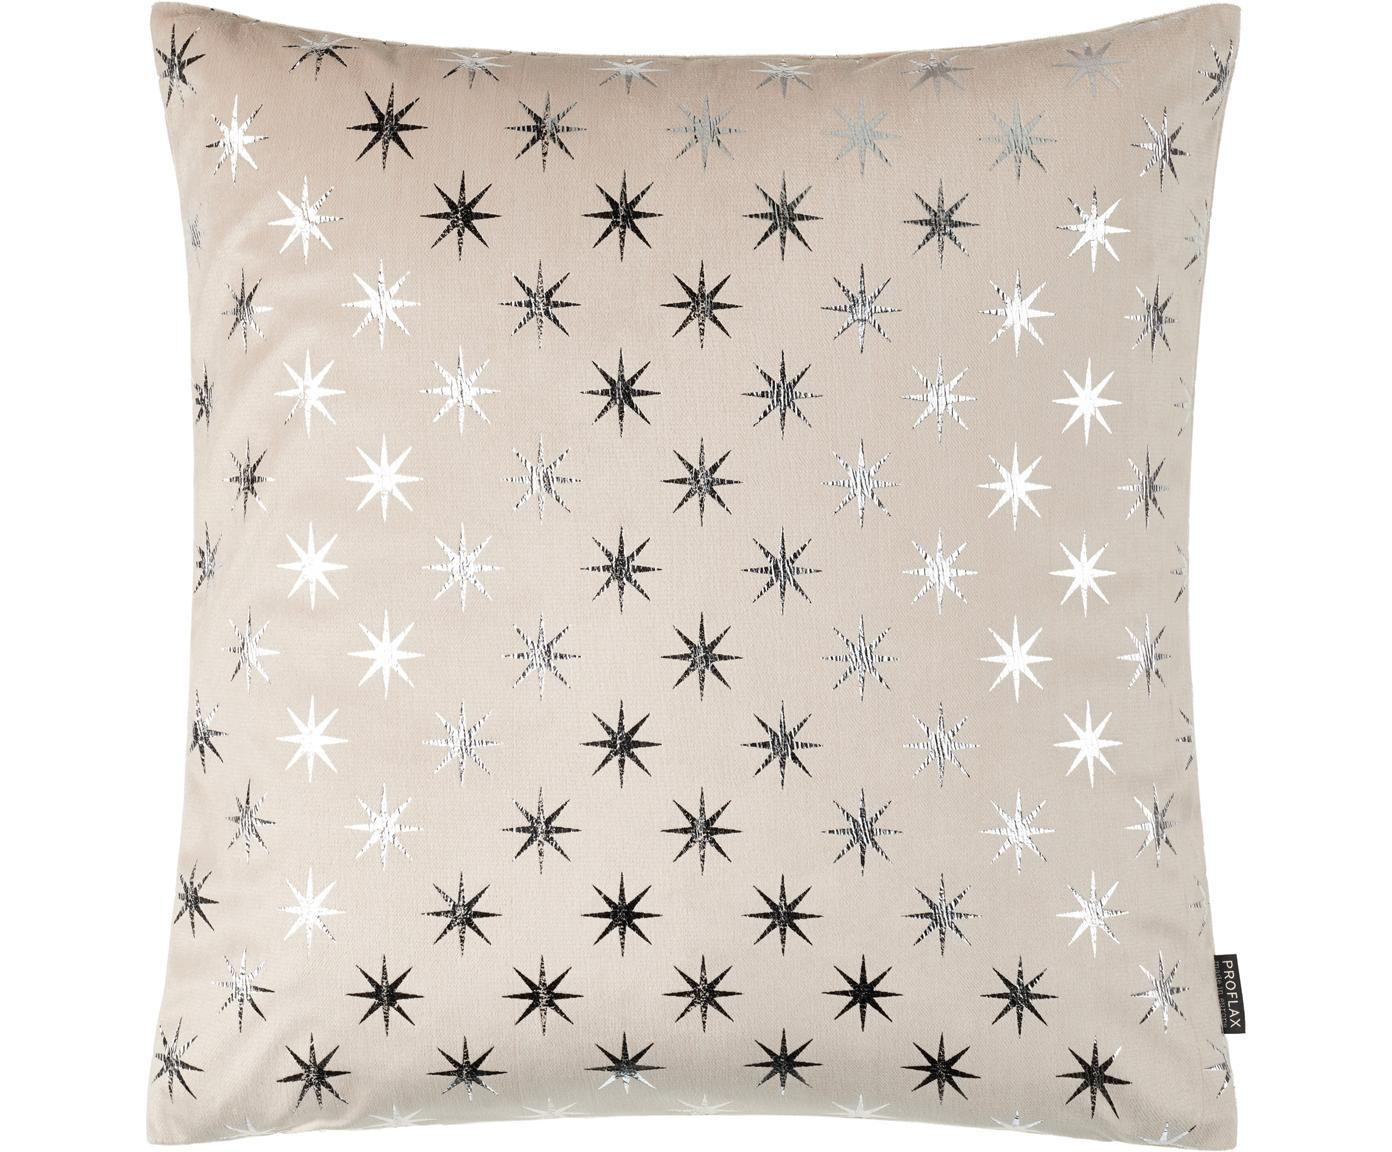 Poszewka na poduszkę Cosmos, Poliester, Odcienie piaskowego, odcienie srebrnego, S 40 x D 40 cm